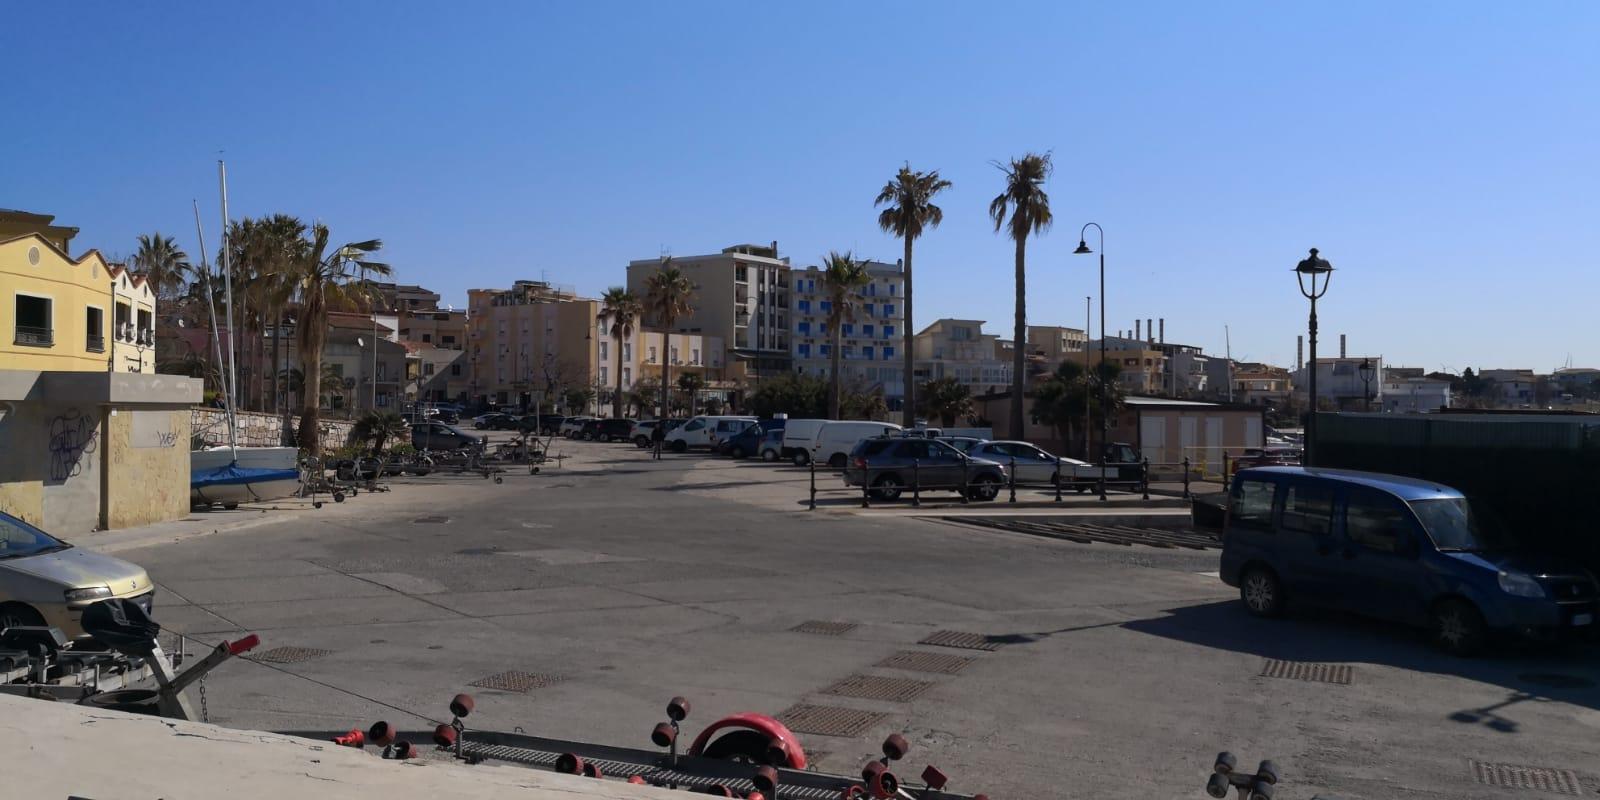 Nuova area camper a Portoscuso in Sardegna - cittadina